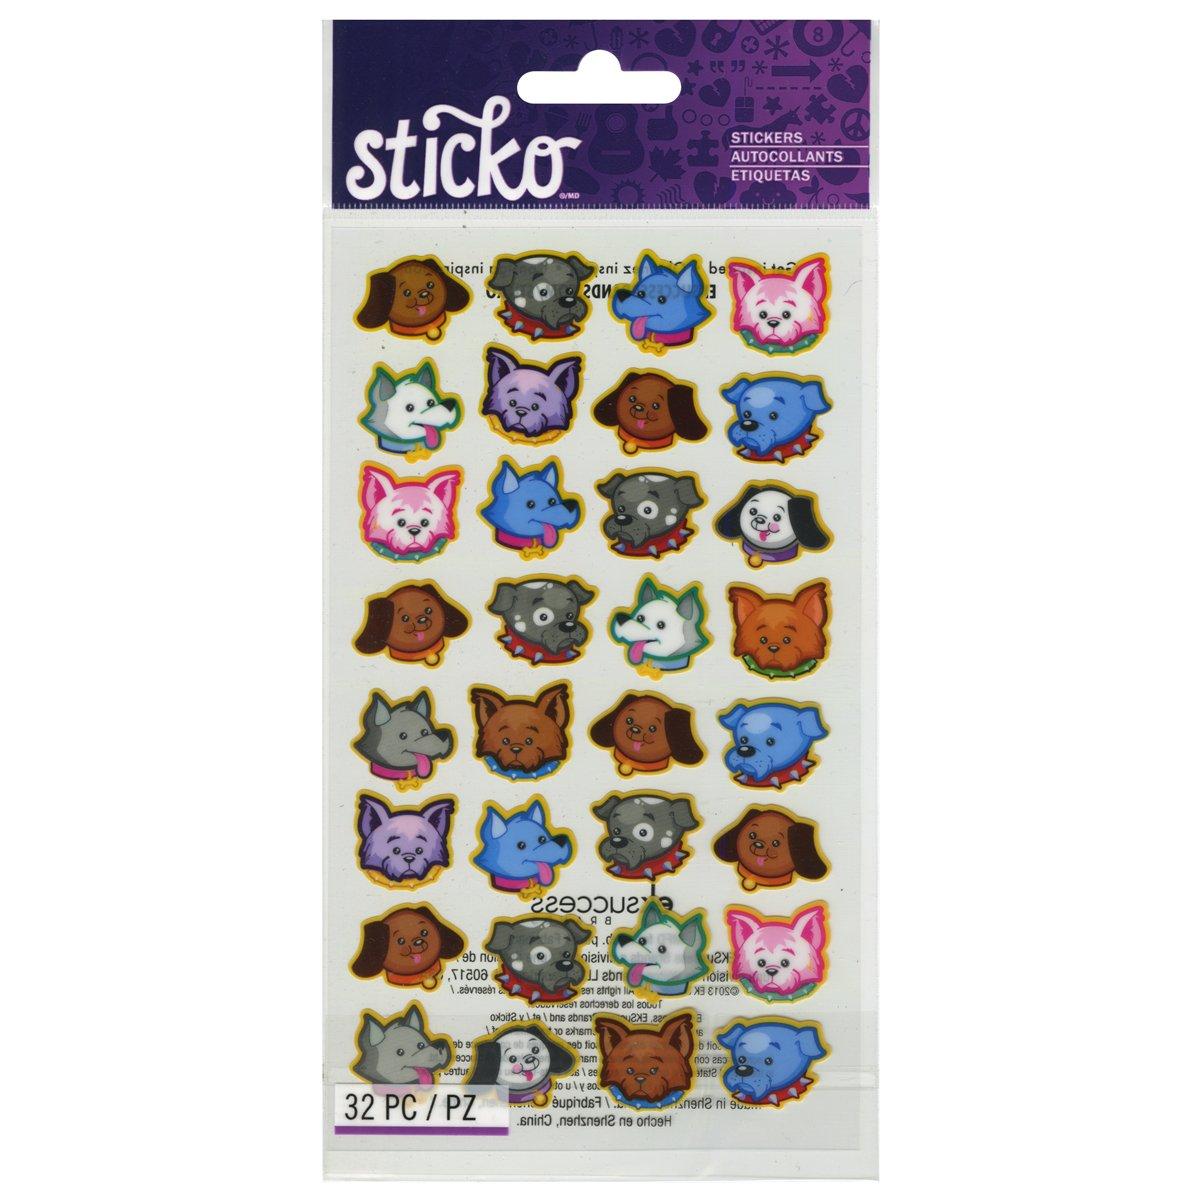 Sticko Classic - Pegatinas para Perros